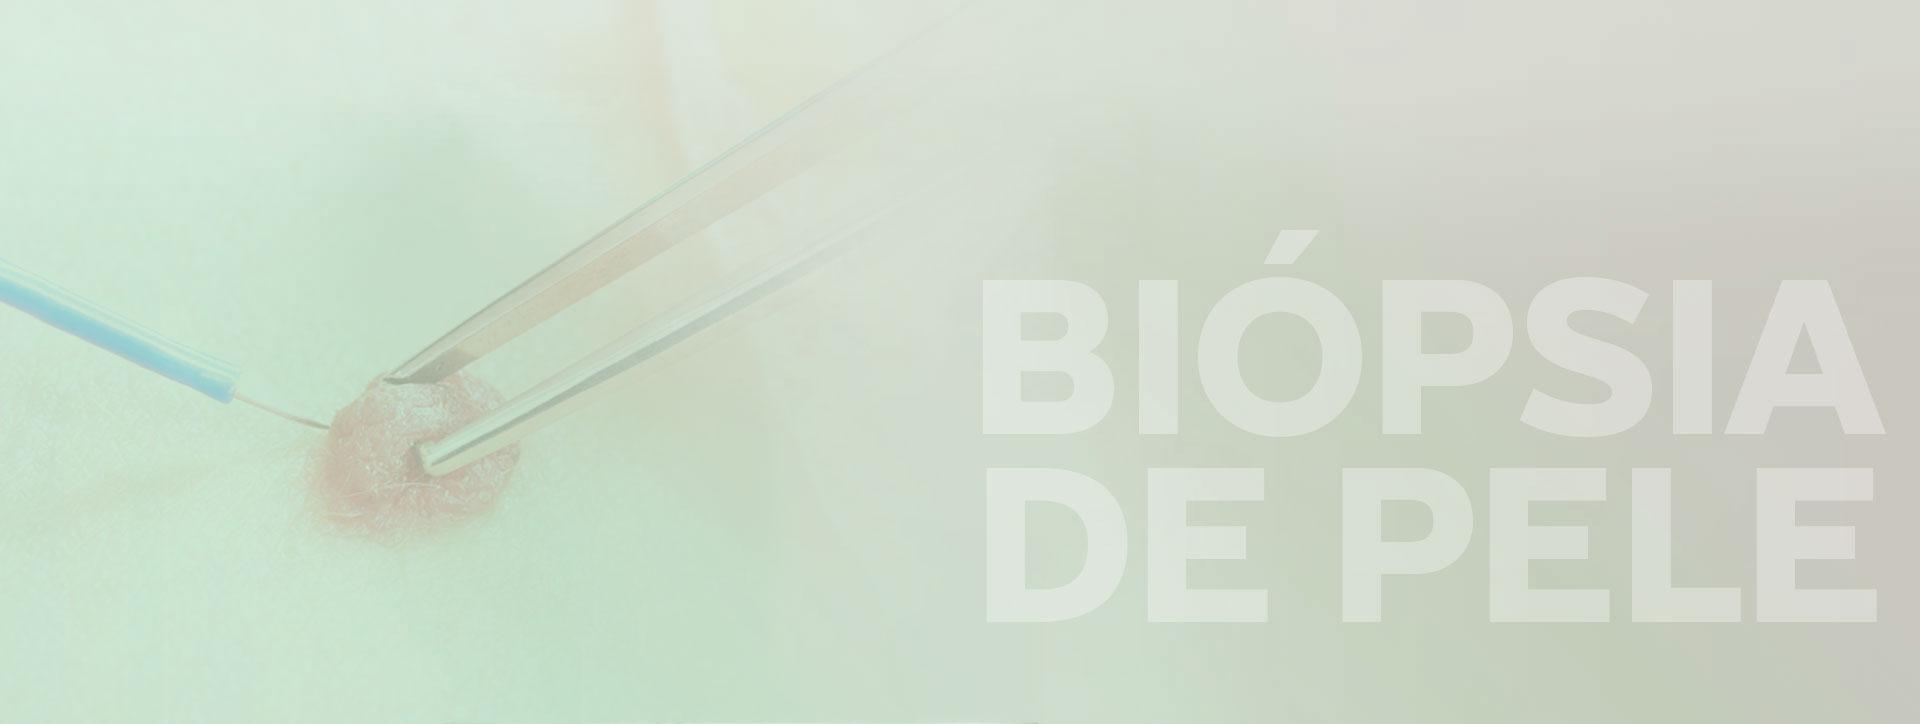 Biopsia de pele em campo grande ms